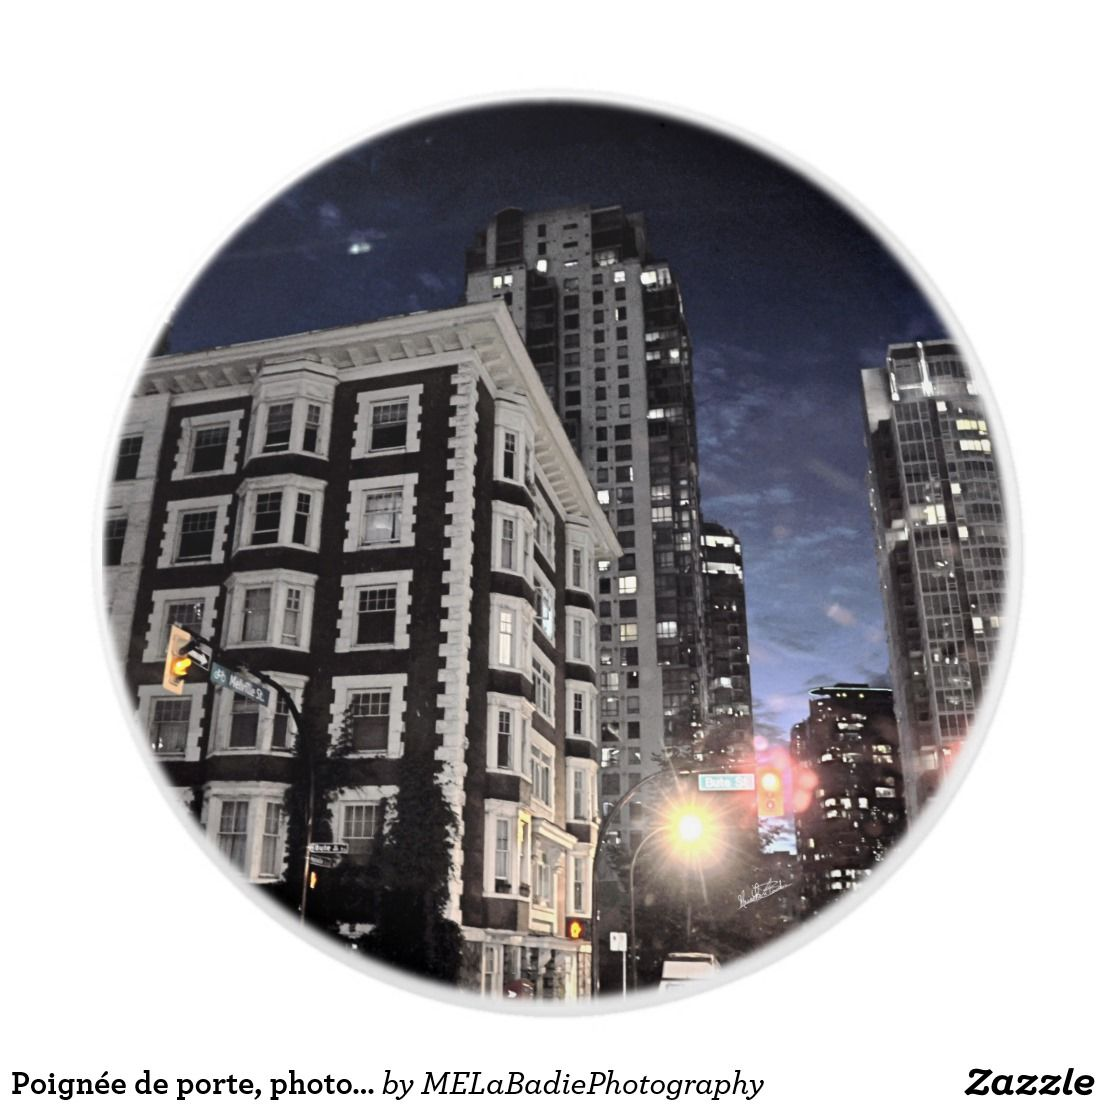 Poignée de porte, photo de ville la nuit